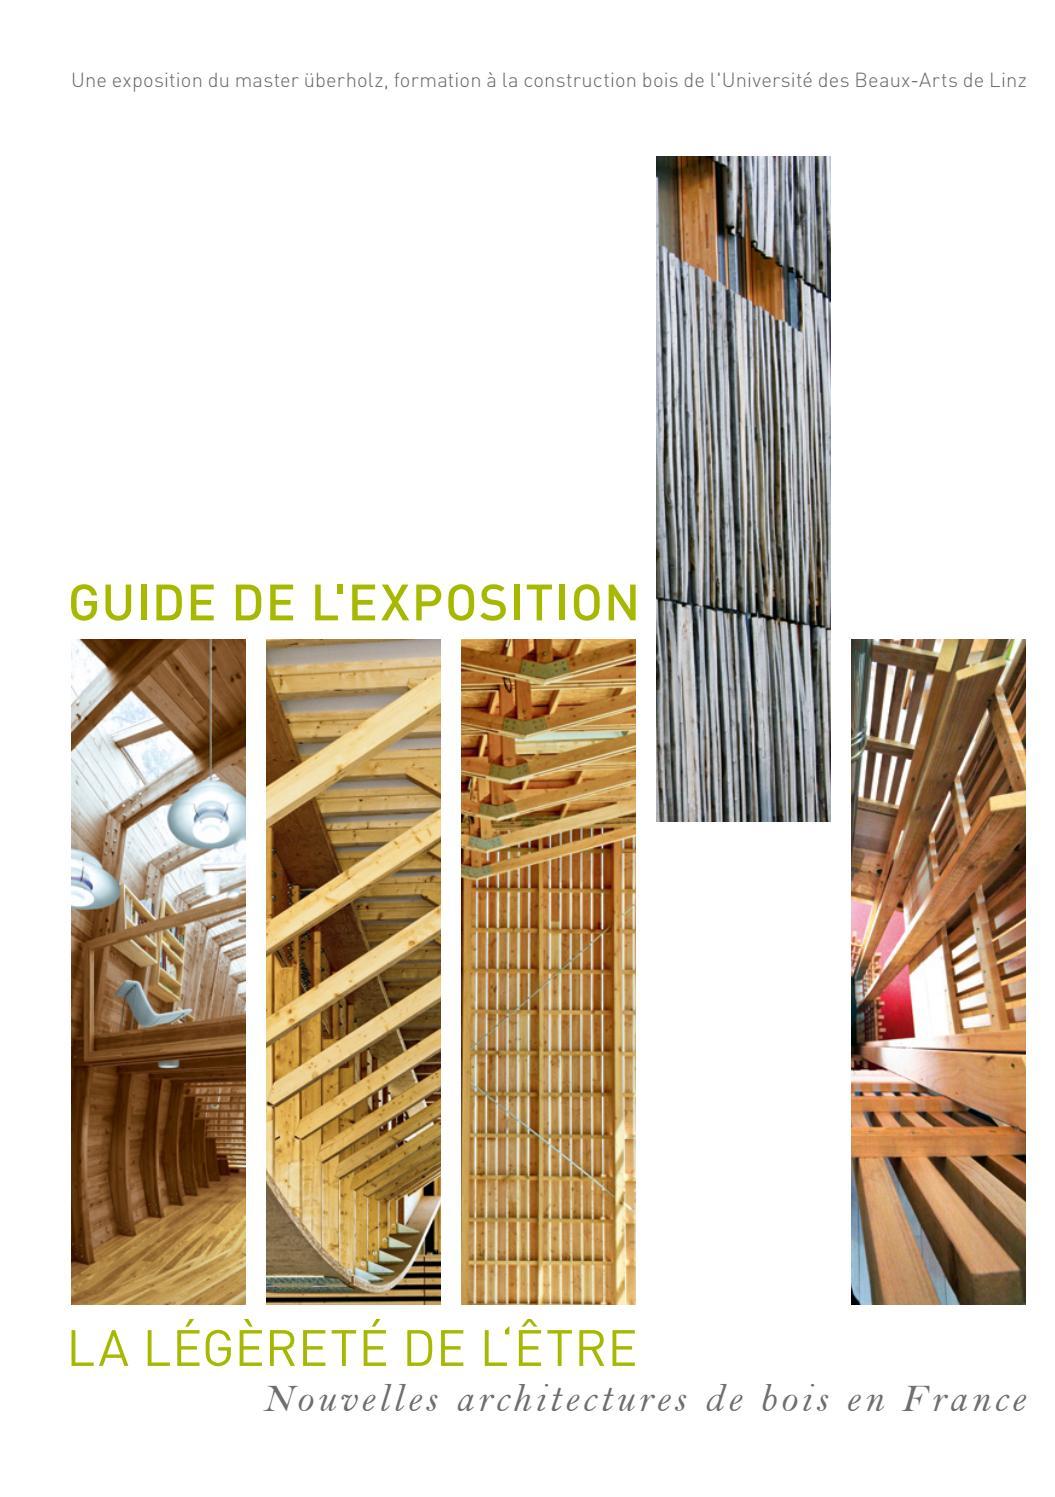 Bois Rétifié Prix M2 la lÉgÈretÉ de l'Être | nouvelles architectures det